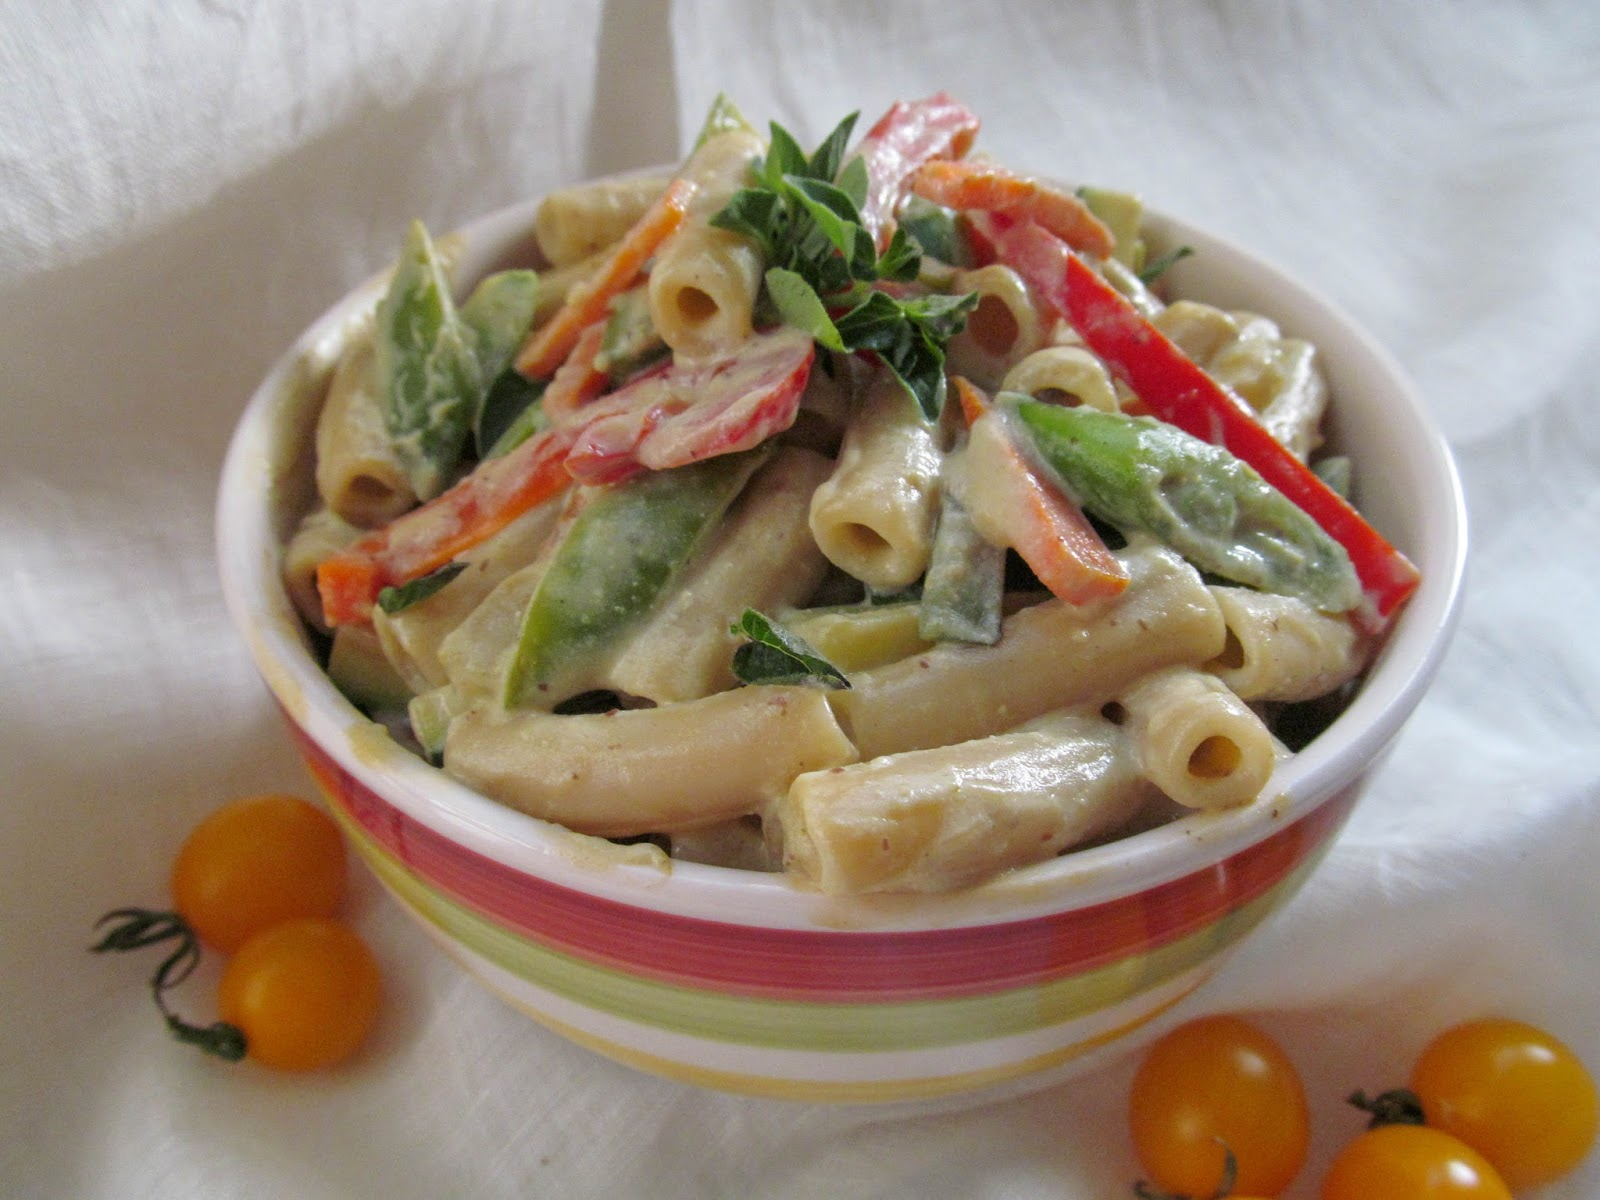 Savory Tofu Pasta Primavera